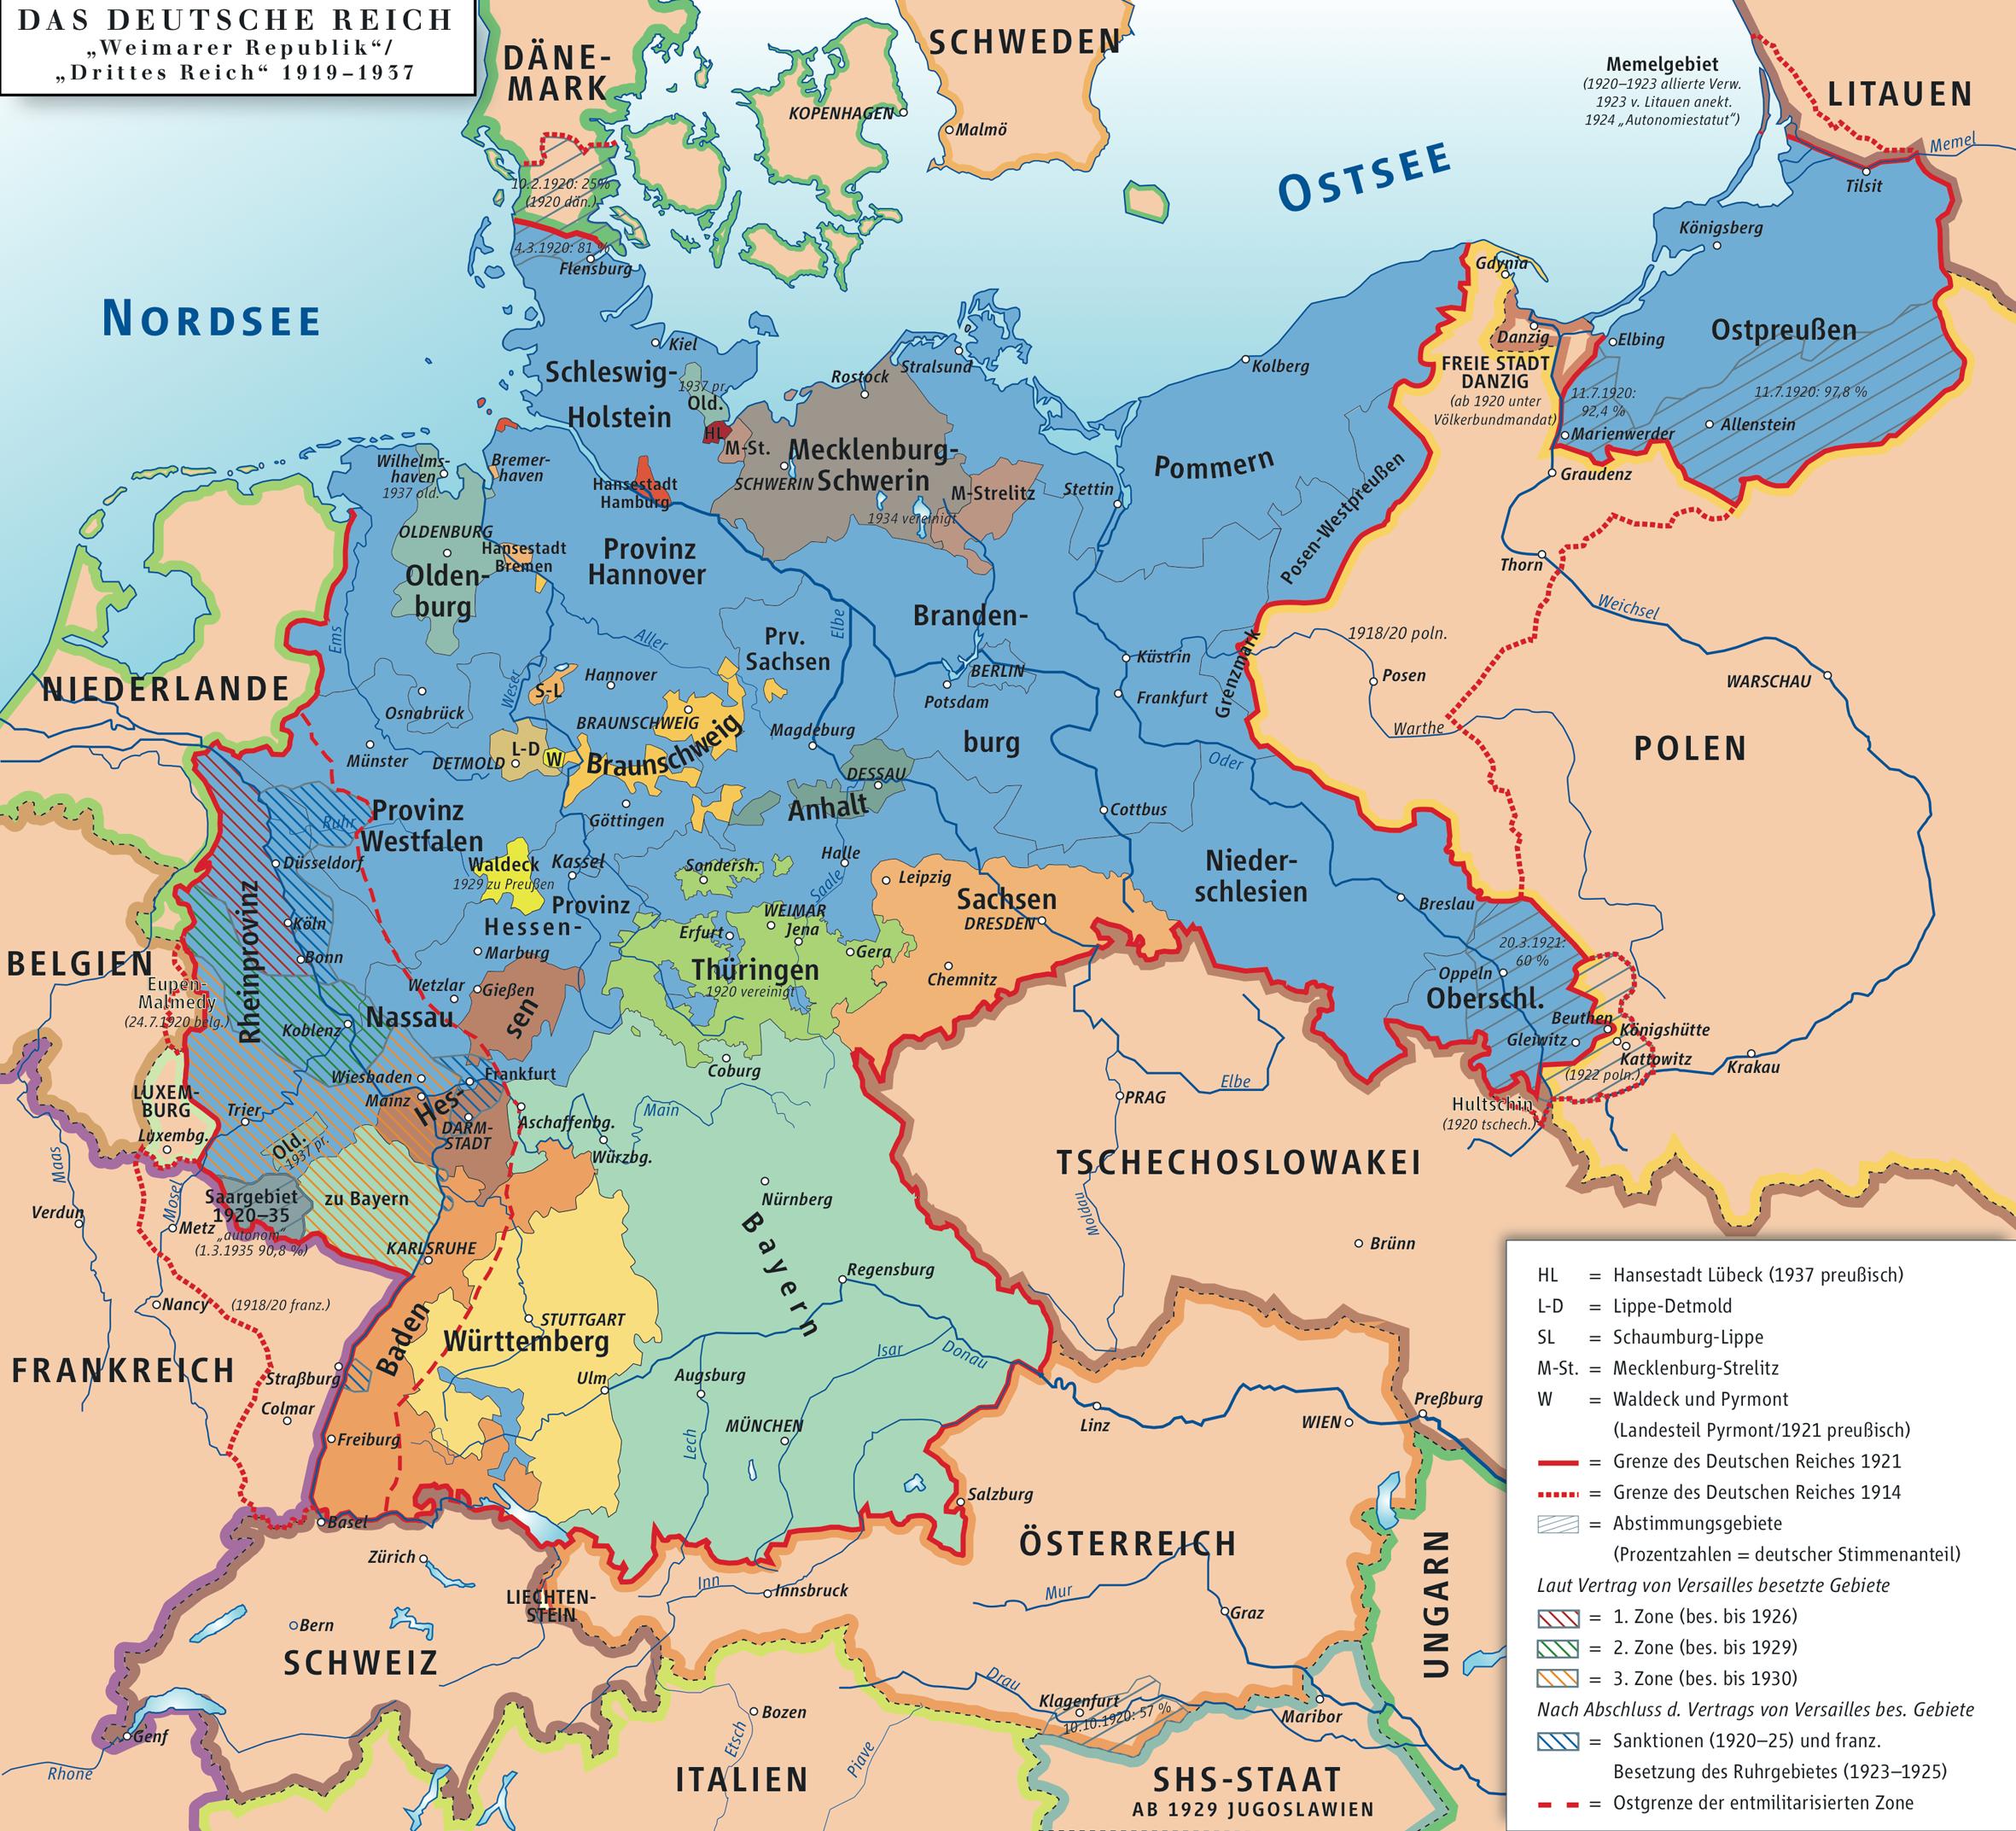 Map Of The German Reich Republic Of WeimarThird Reich - Third reich map 1944